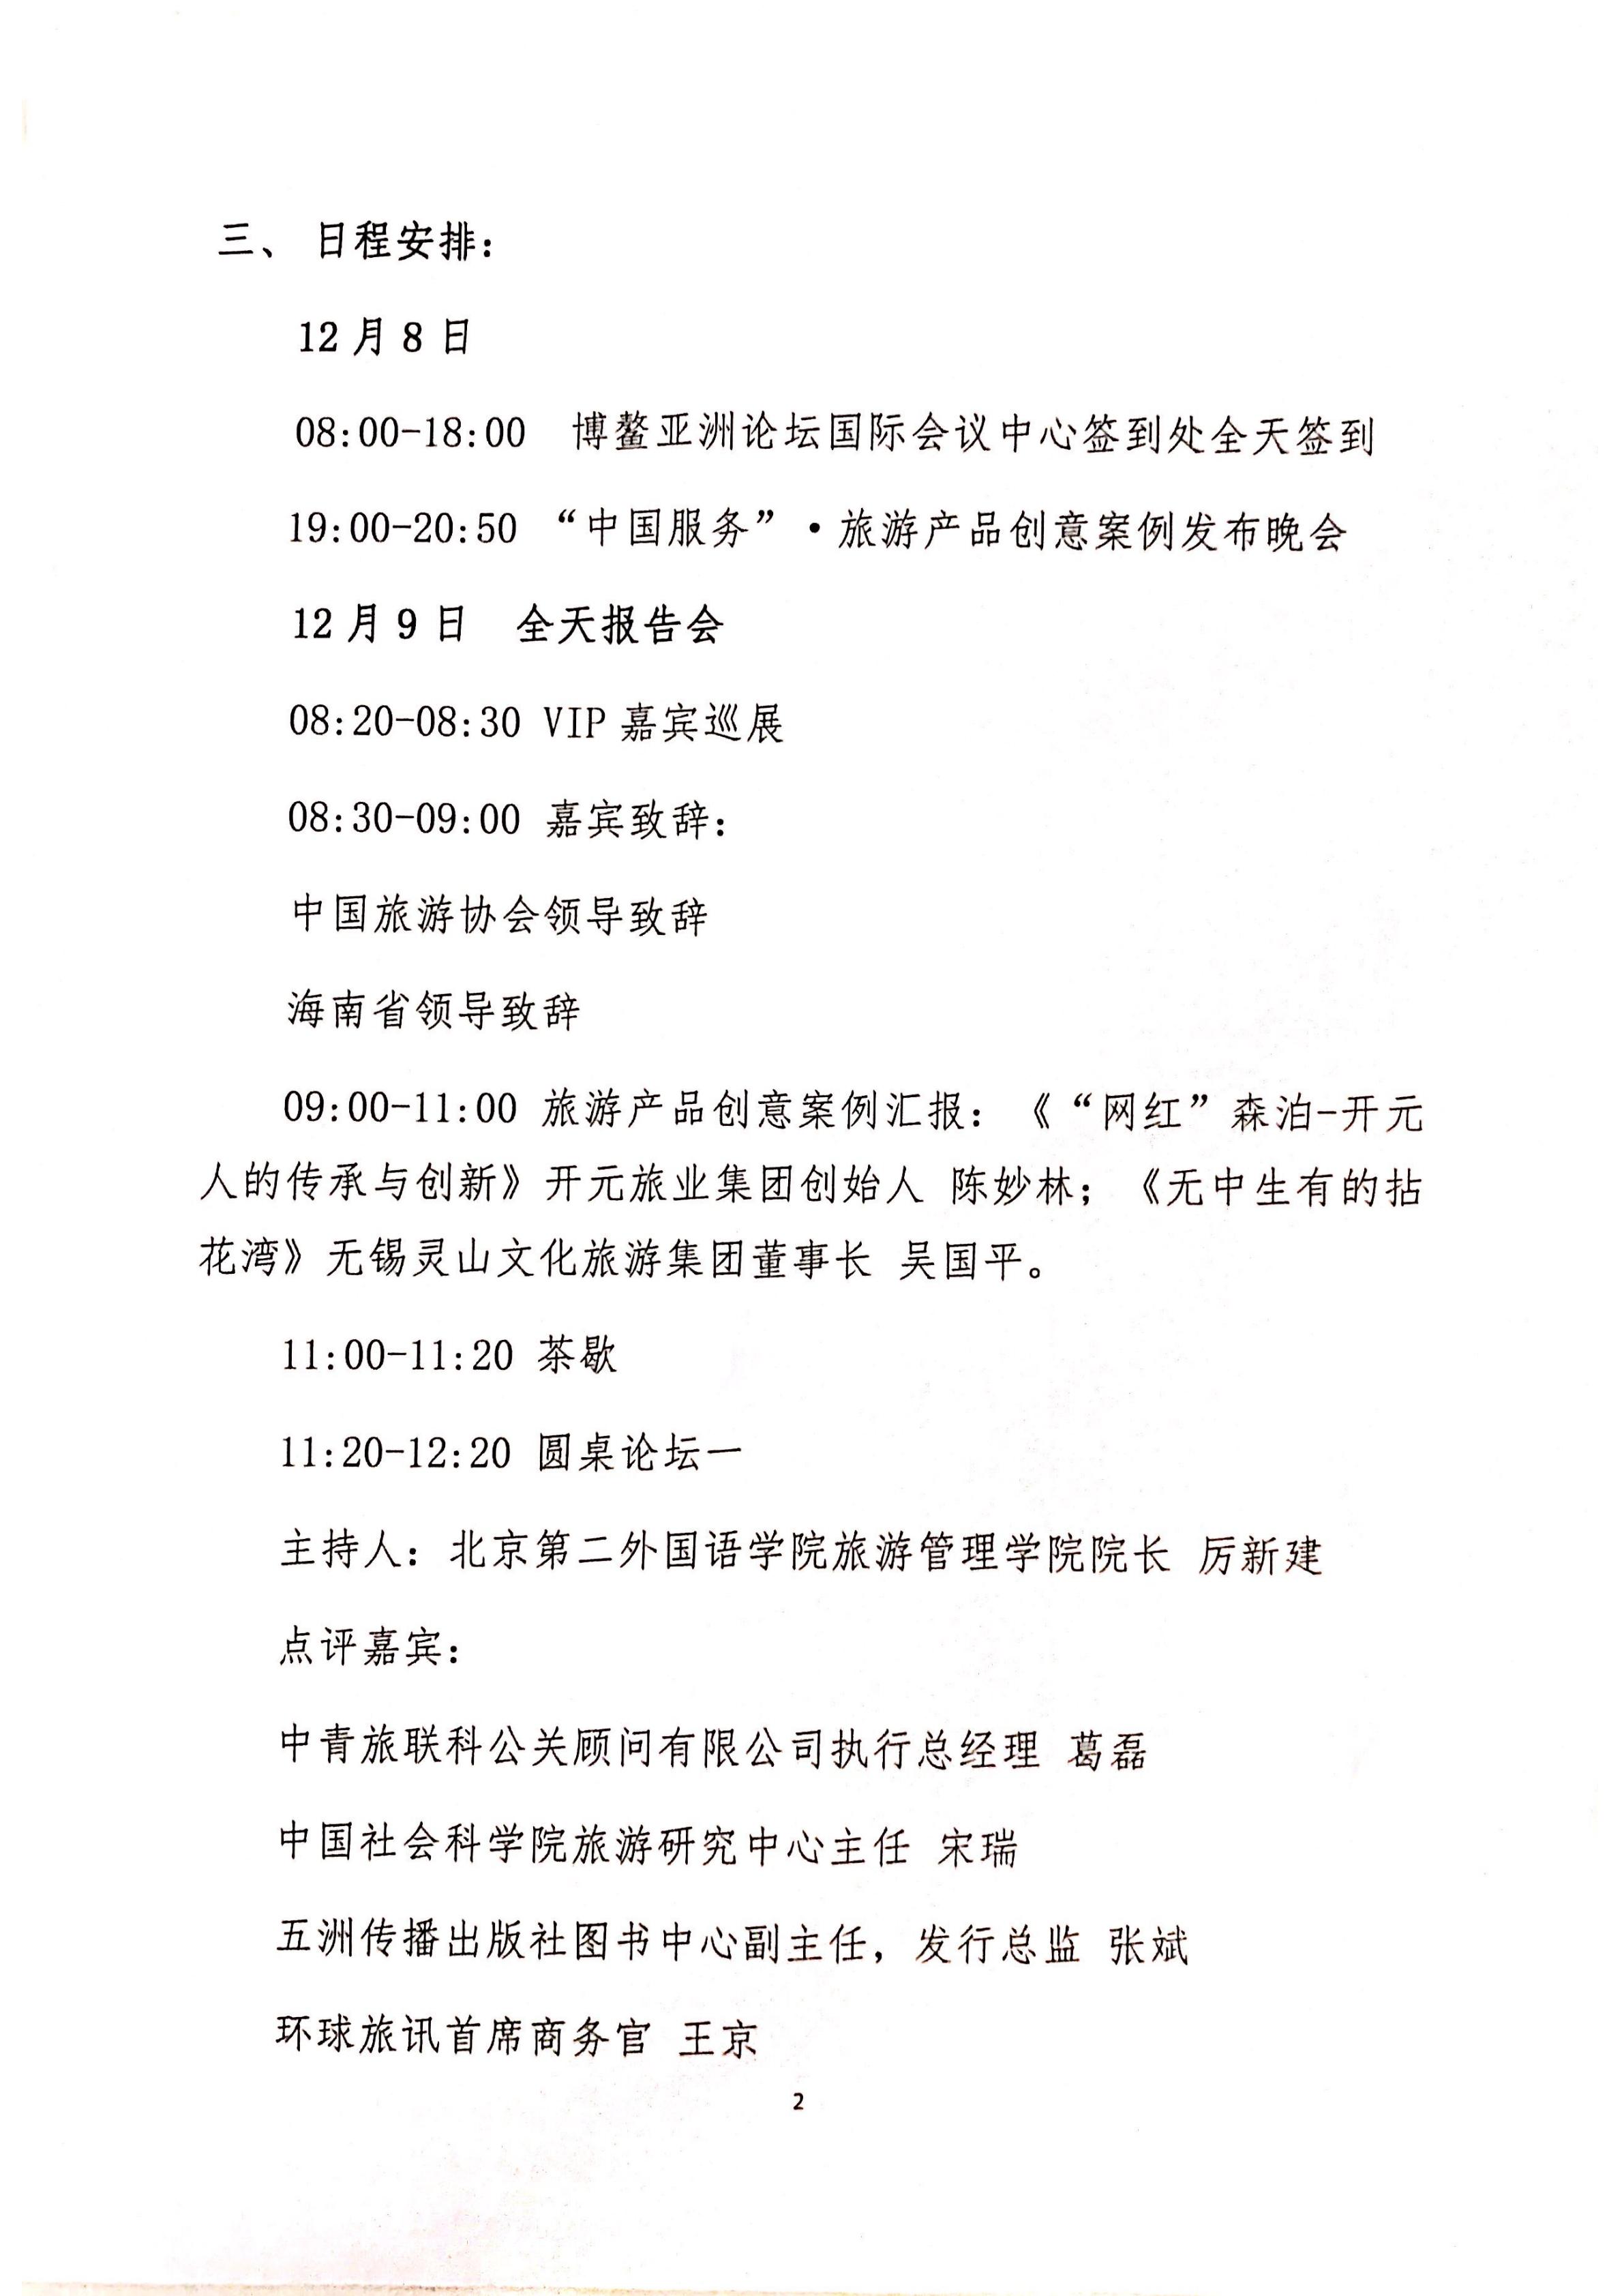 粵旅協函〔2019〕45號號廣東省旅游協會關于轉發中國旅游協會召開中國服務旅游產品創新大會的通知_02